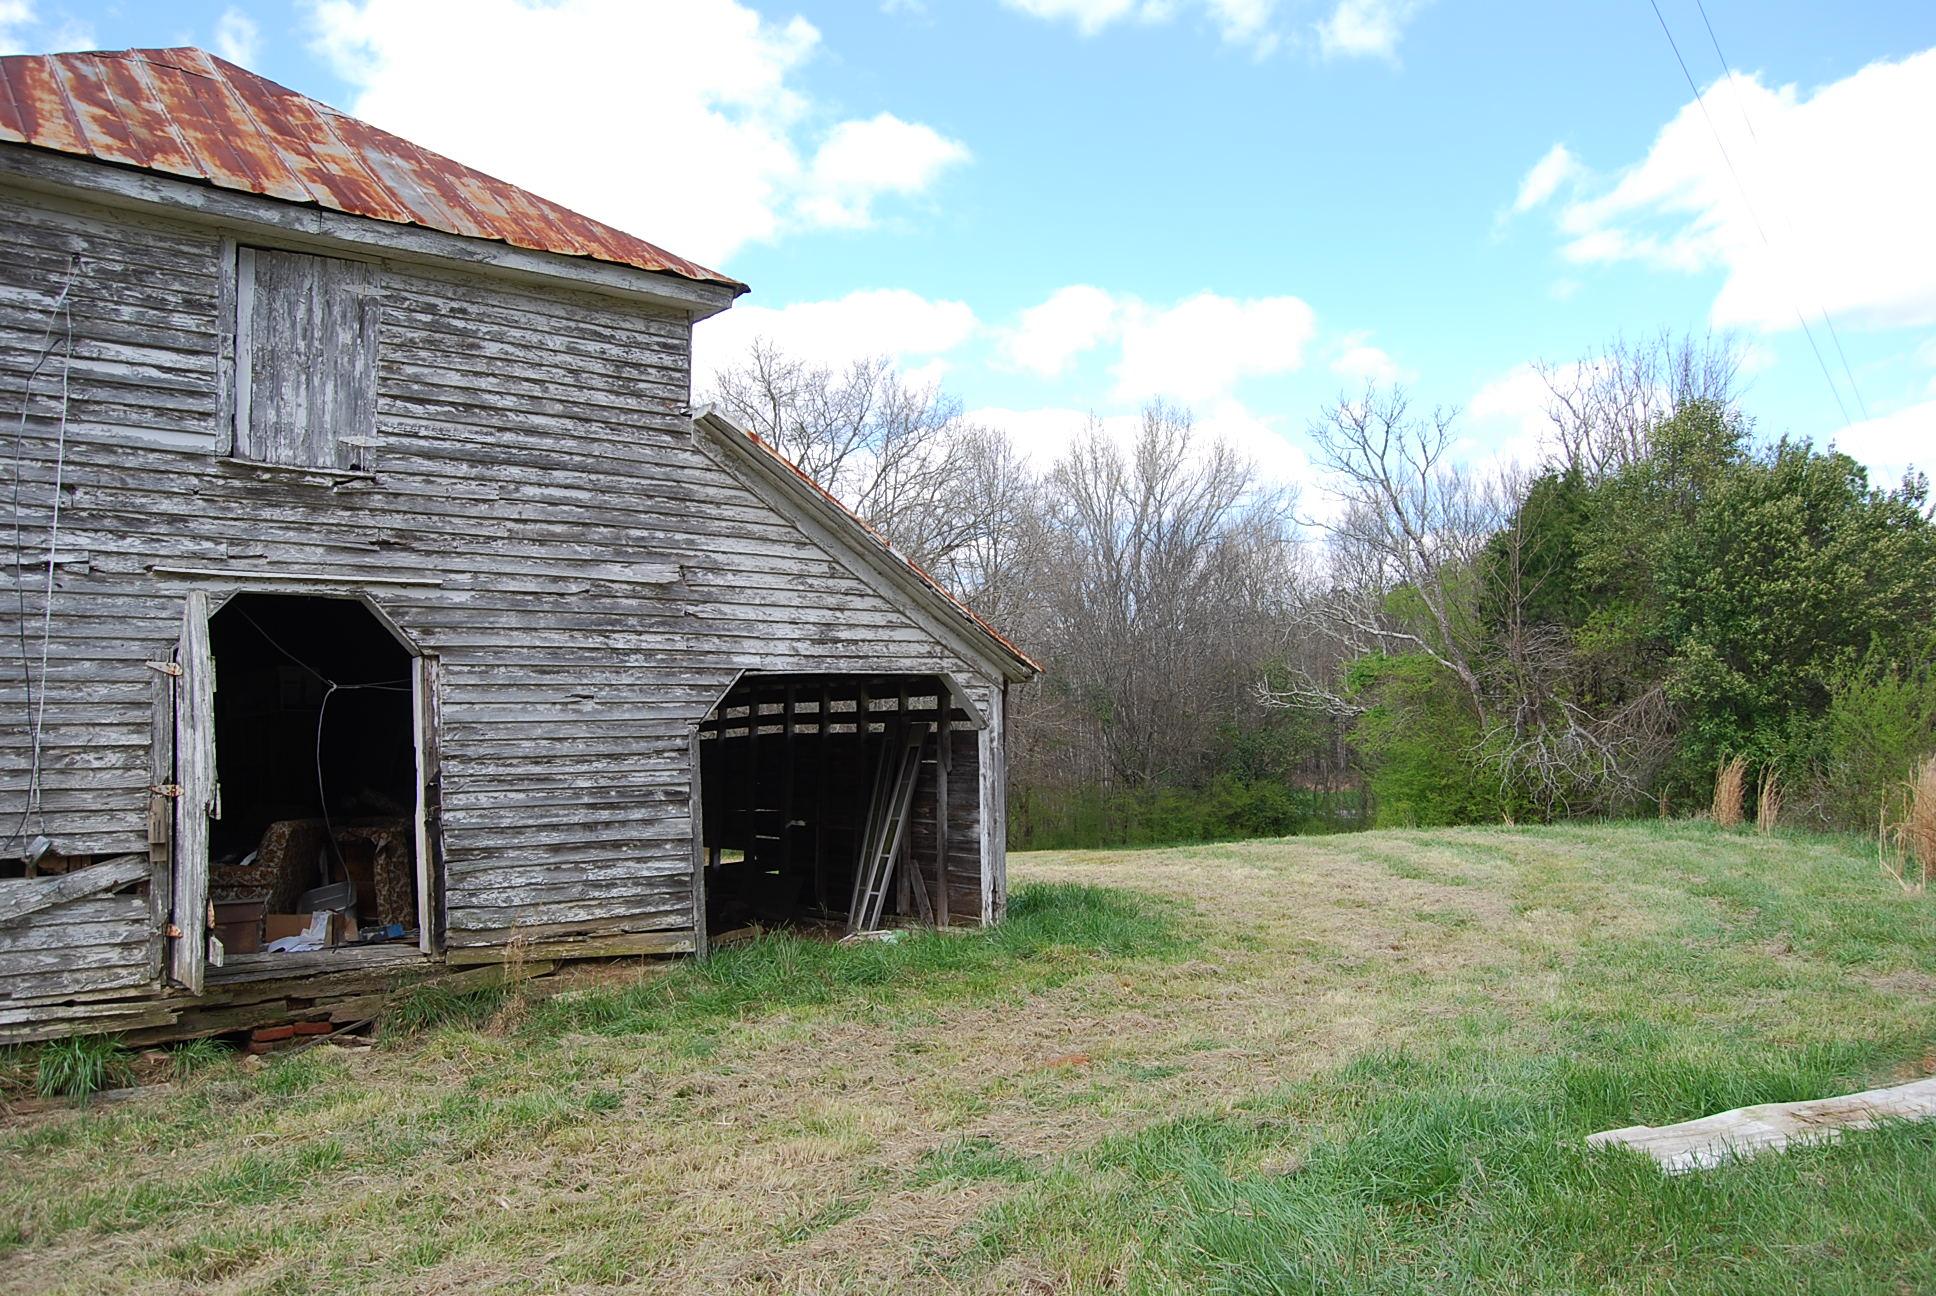 Oglethorpe County, Georgia